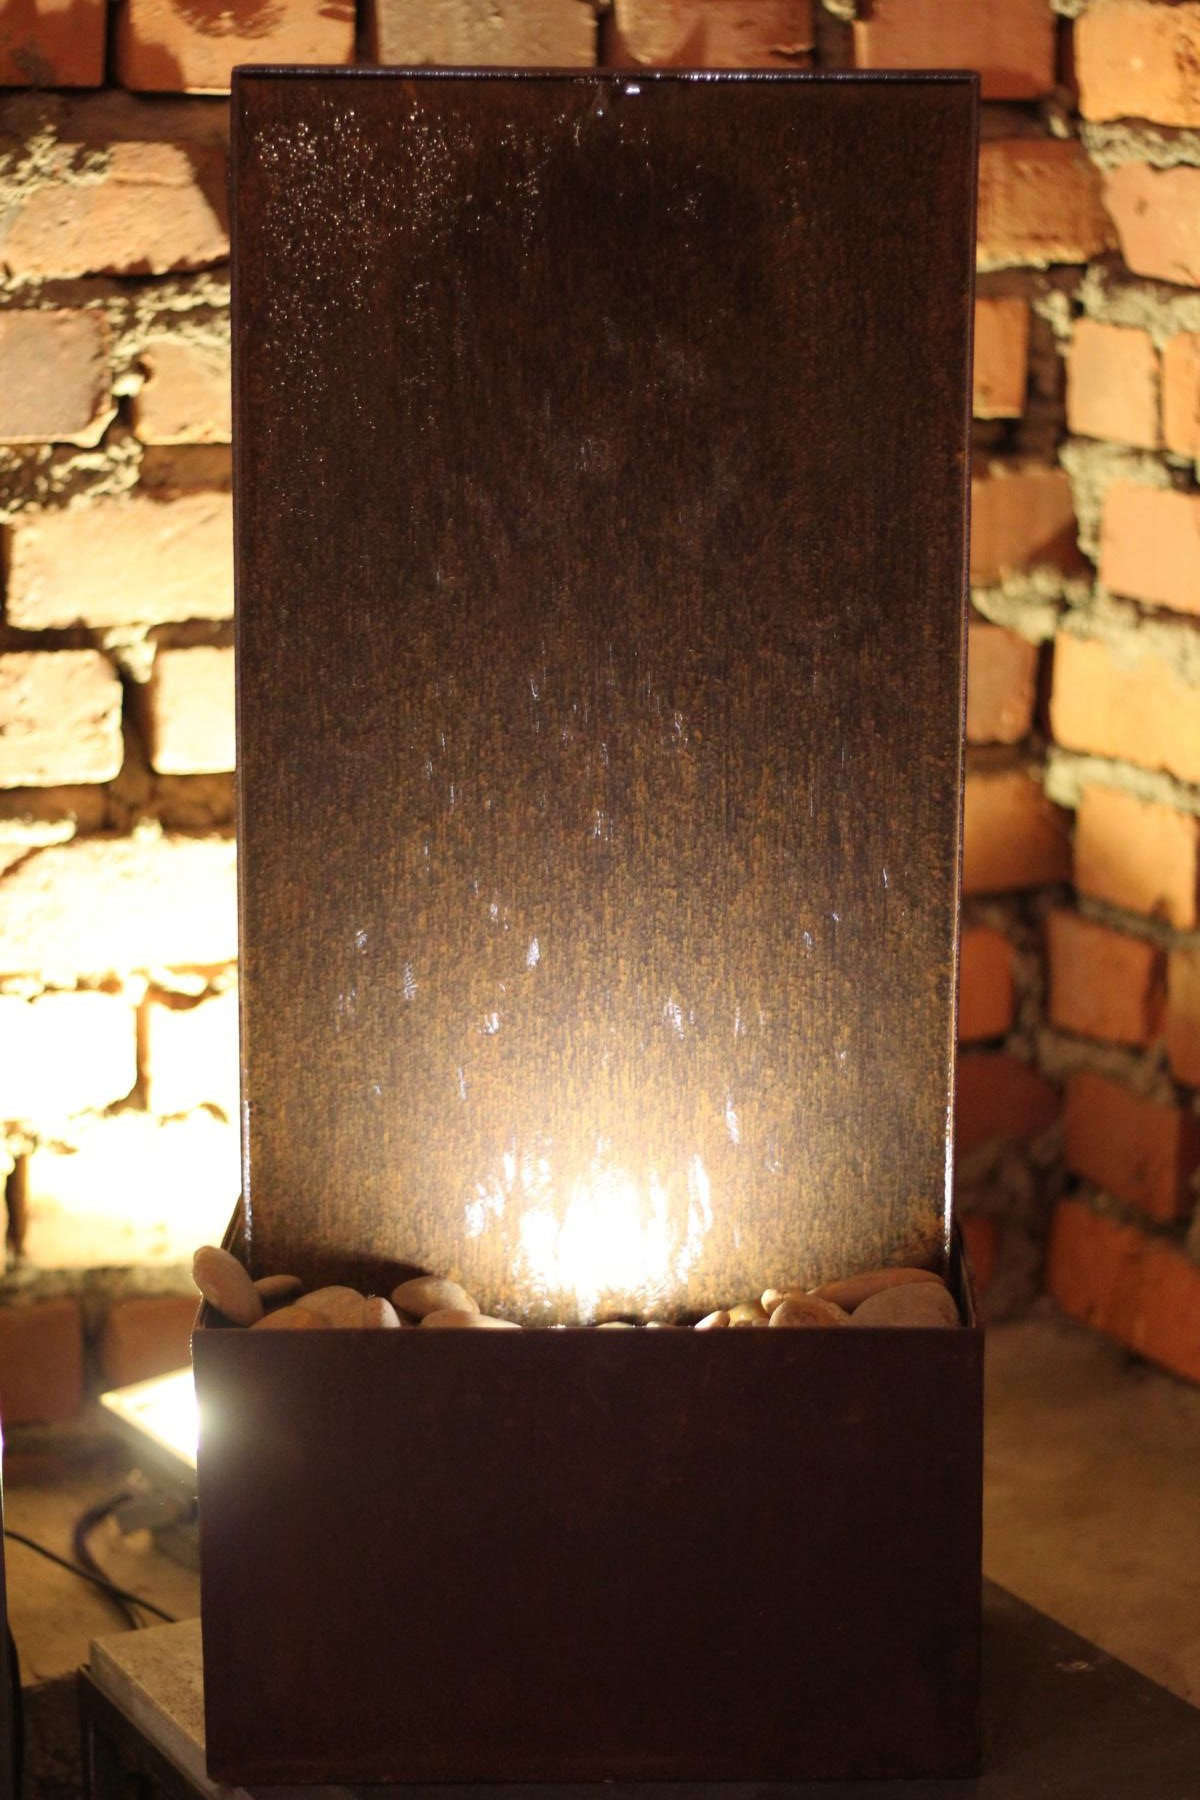 zimmerbrunnen cordon 60 brunnen wasserwand aus. Black Bedroom Furniture Sets. Home Design Ideas